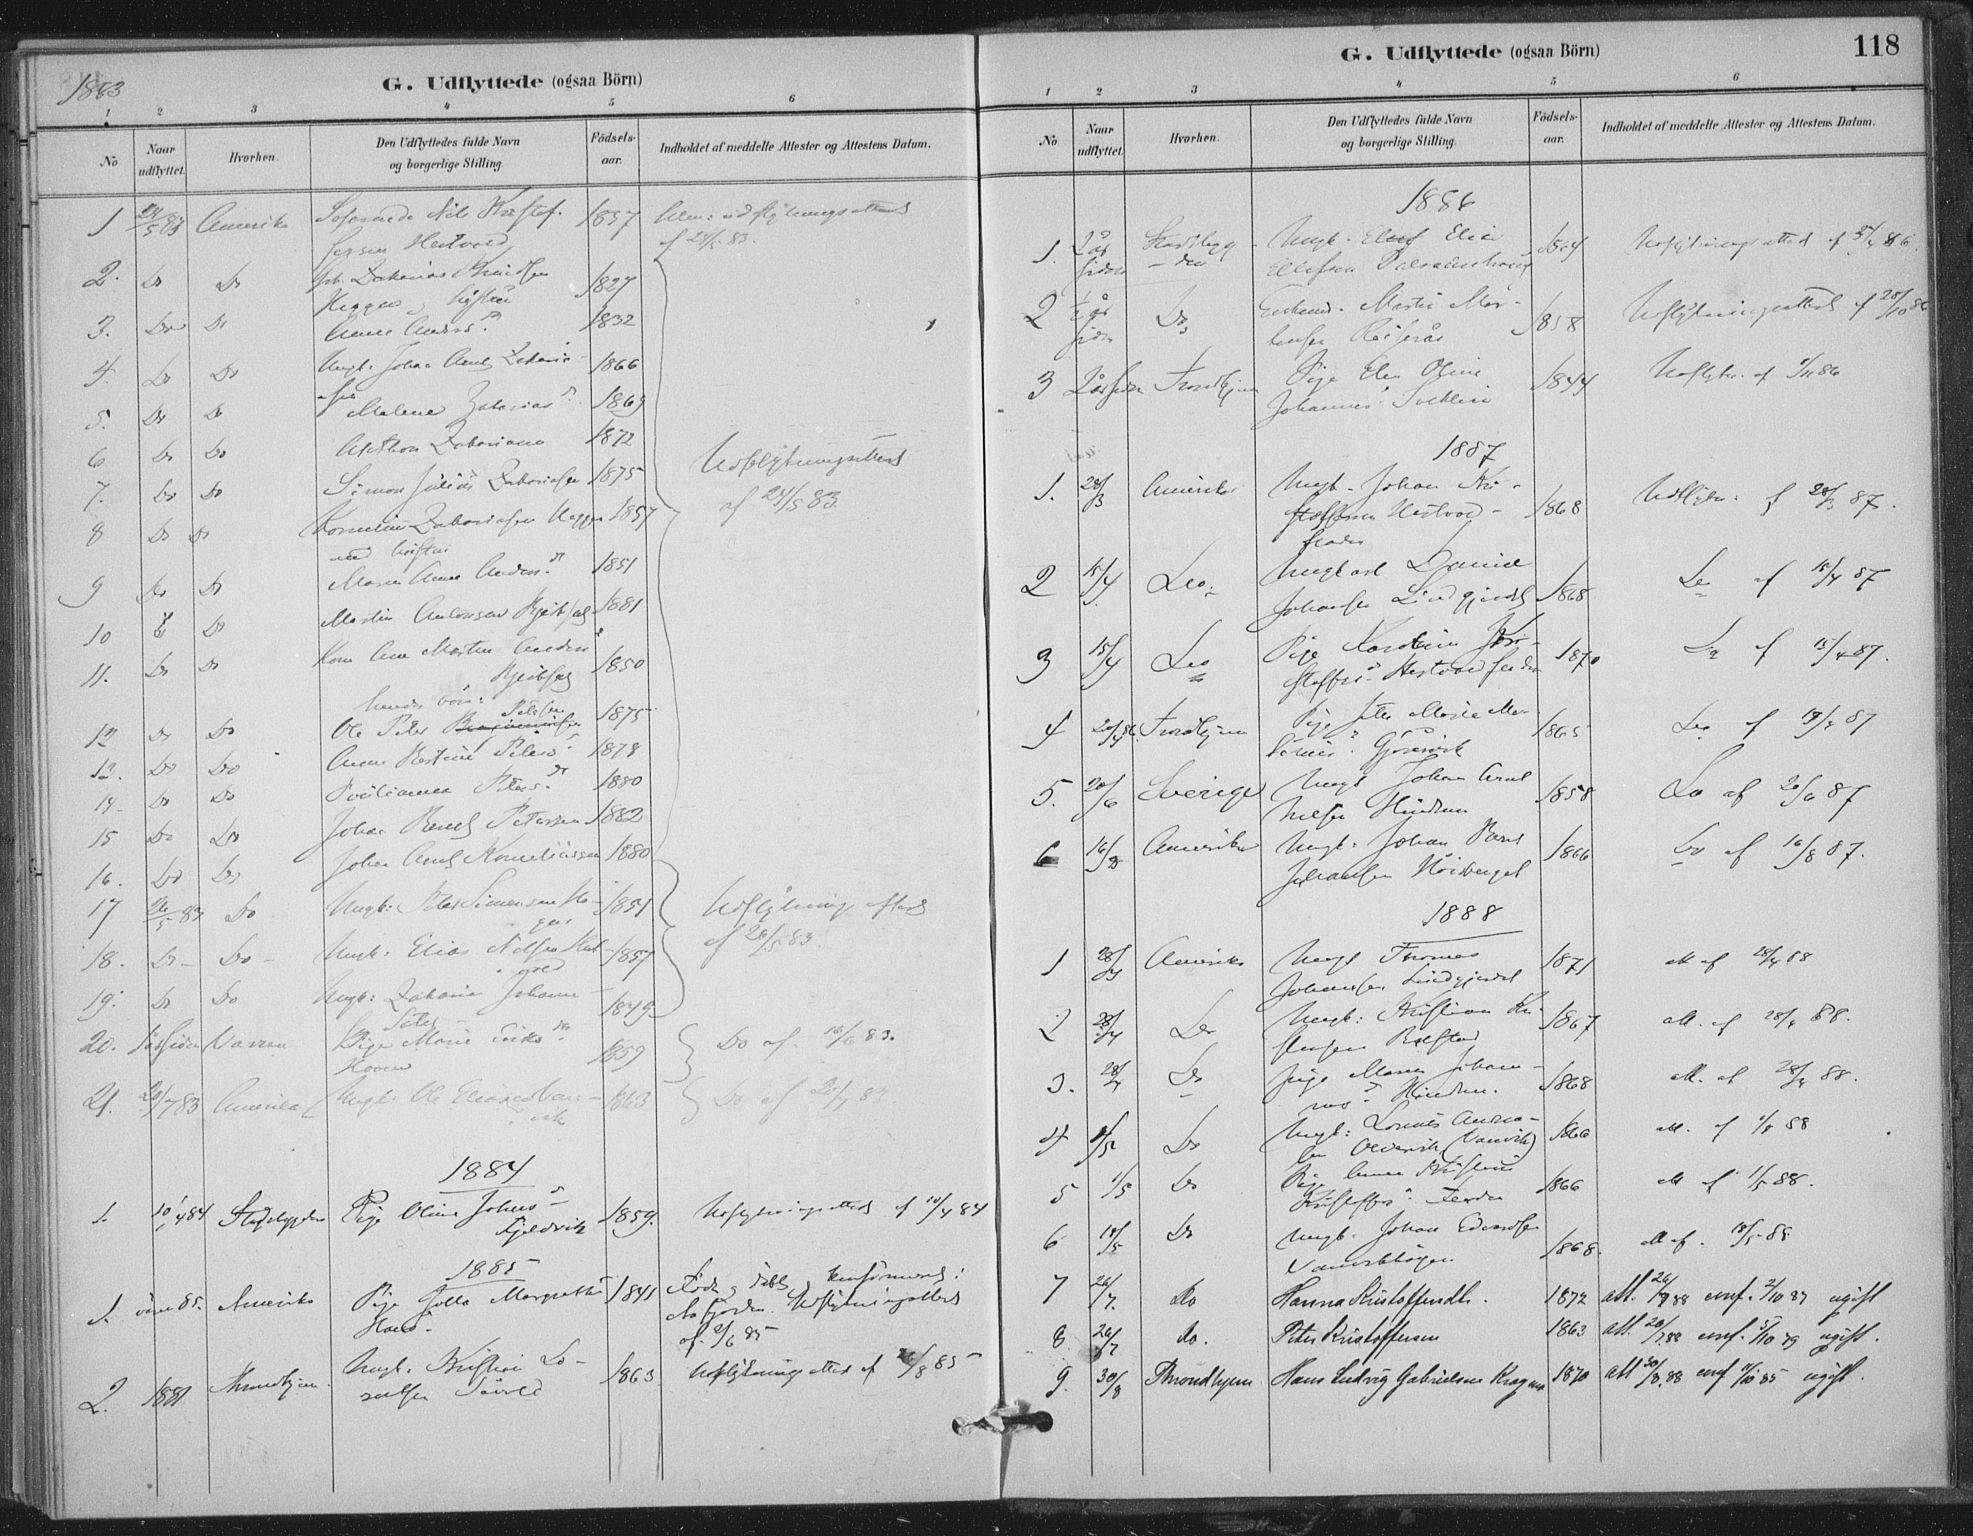 SAT, Ministerialprotokoller, klokkerbøker og fødselsregistre - Nord-Trøndelag, 702/L0023: Ministerialbok nr. 702A01, 1883-1897, s. 118